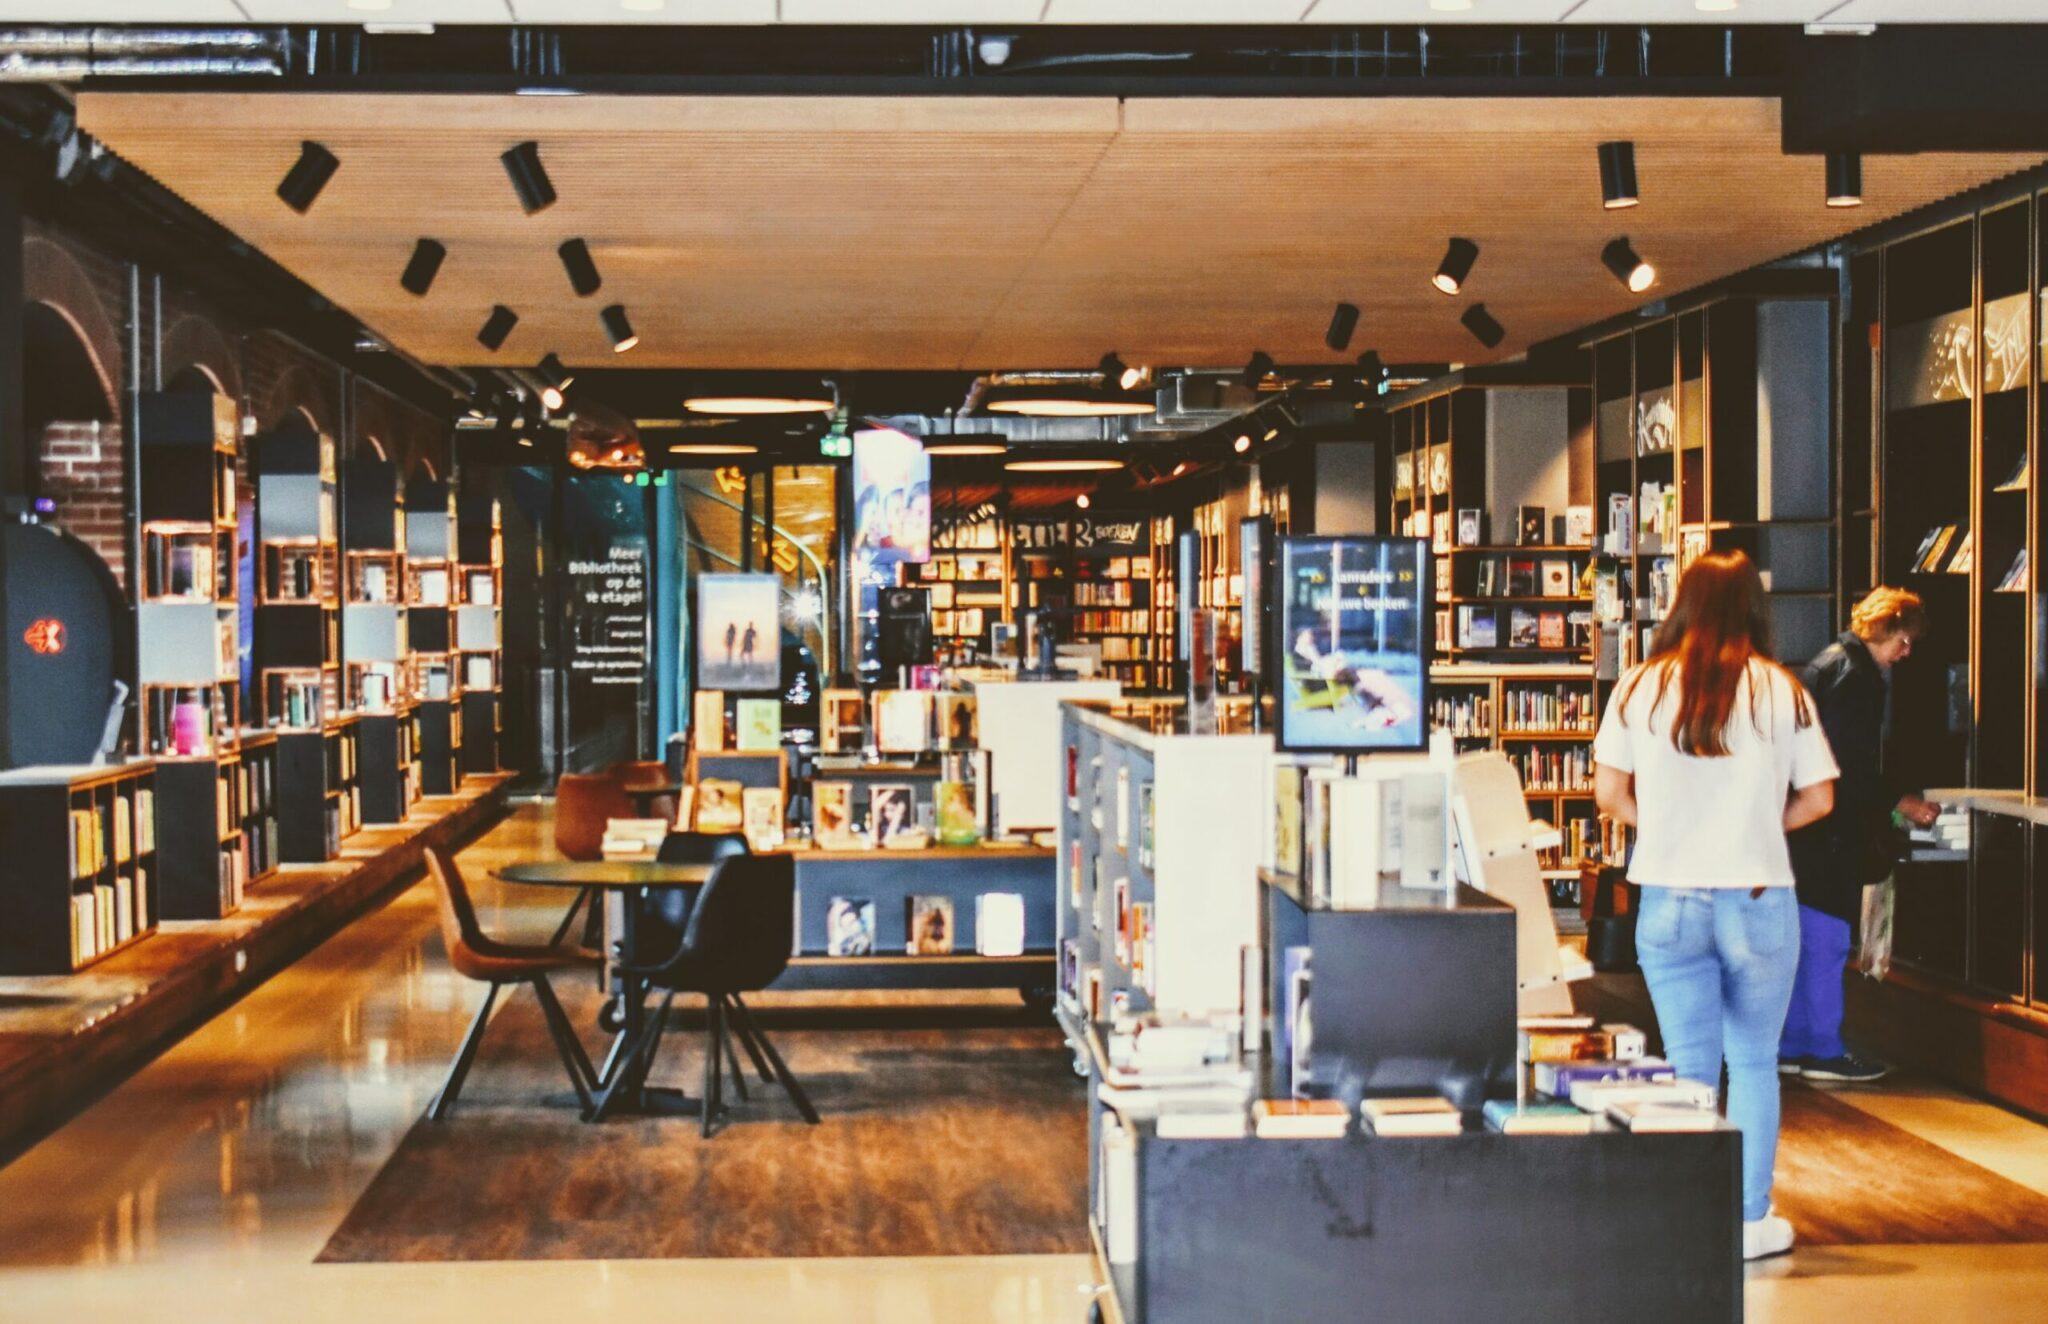 Bibliotheek Noord-west Veluwe in Harderwijk Ermelo Putten bieb afhaalbieb